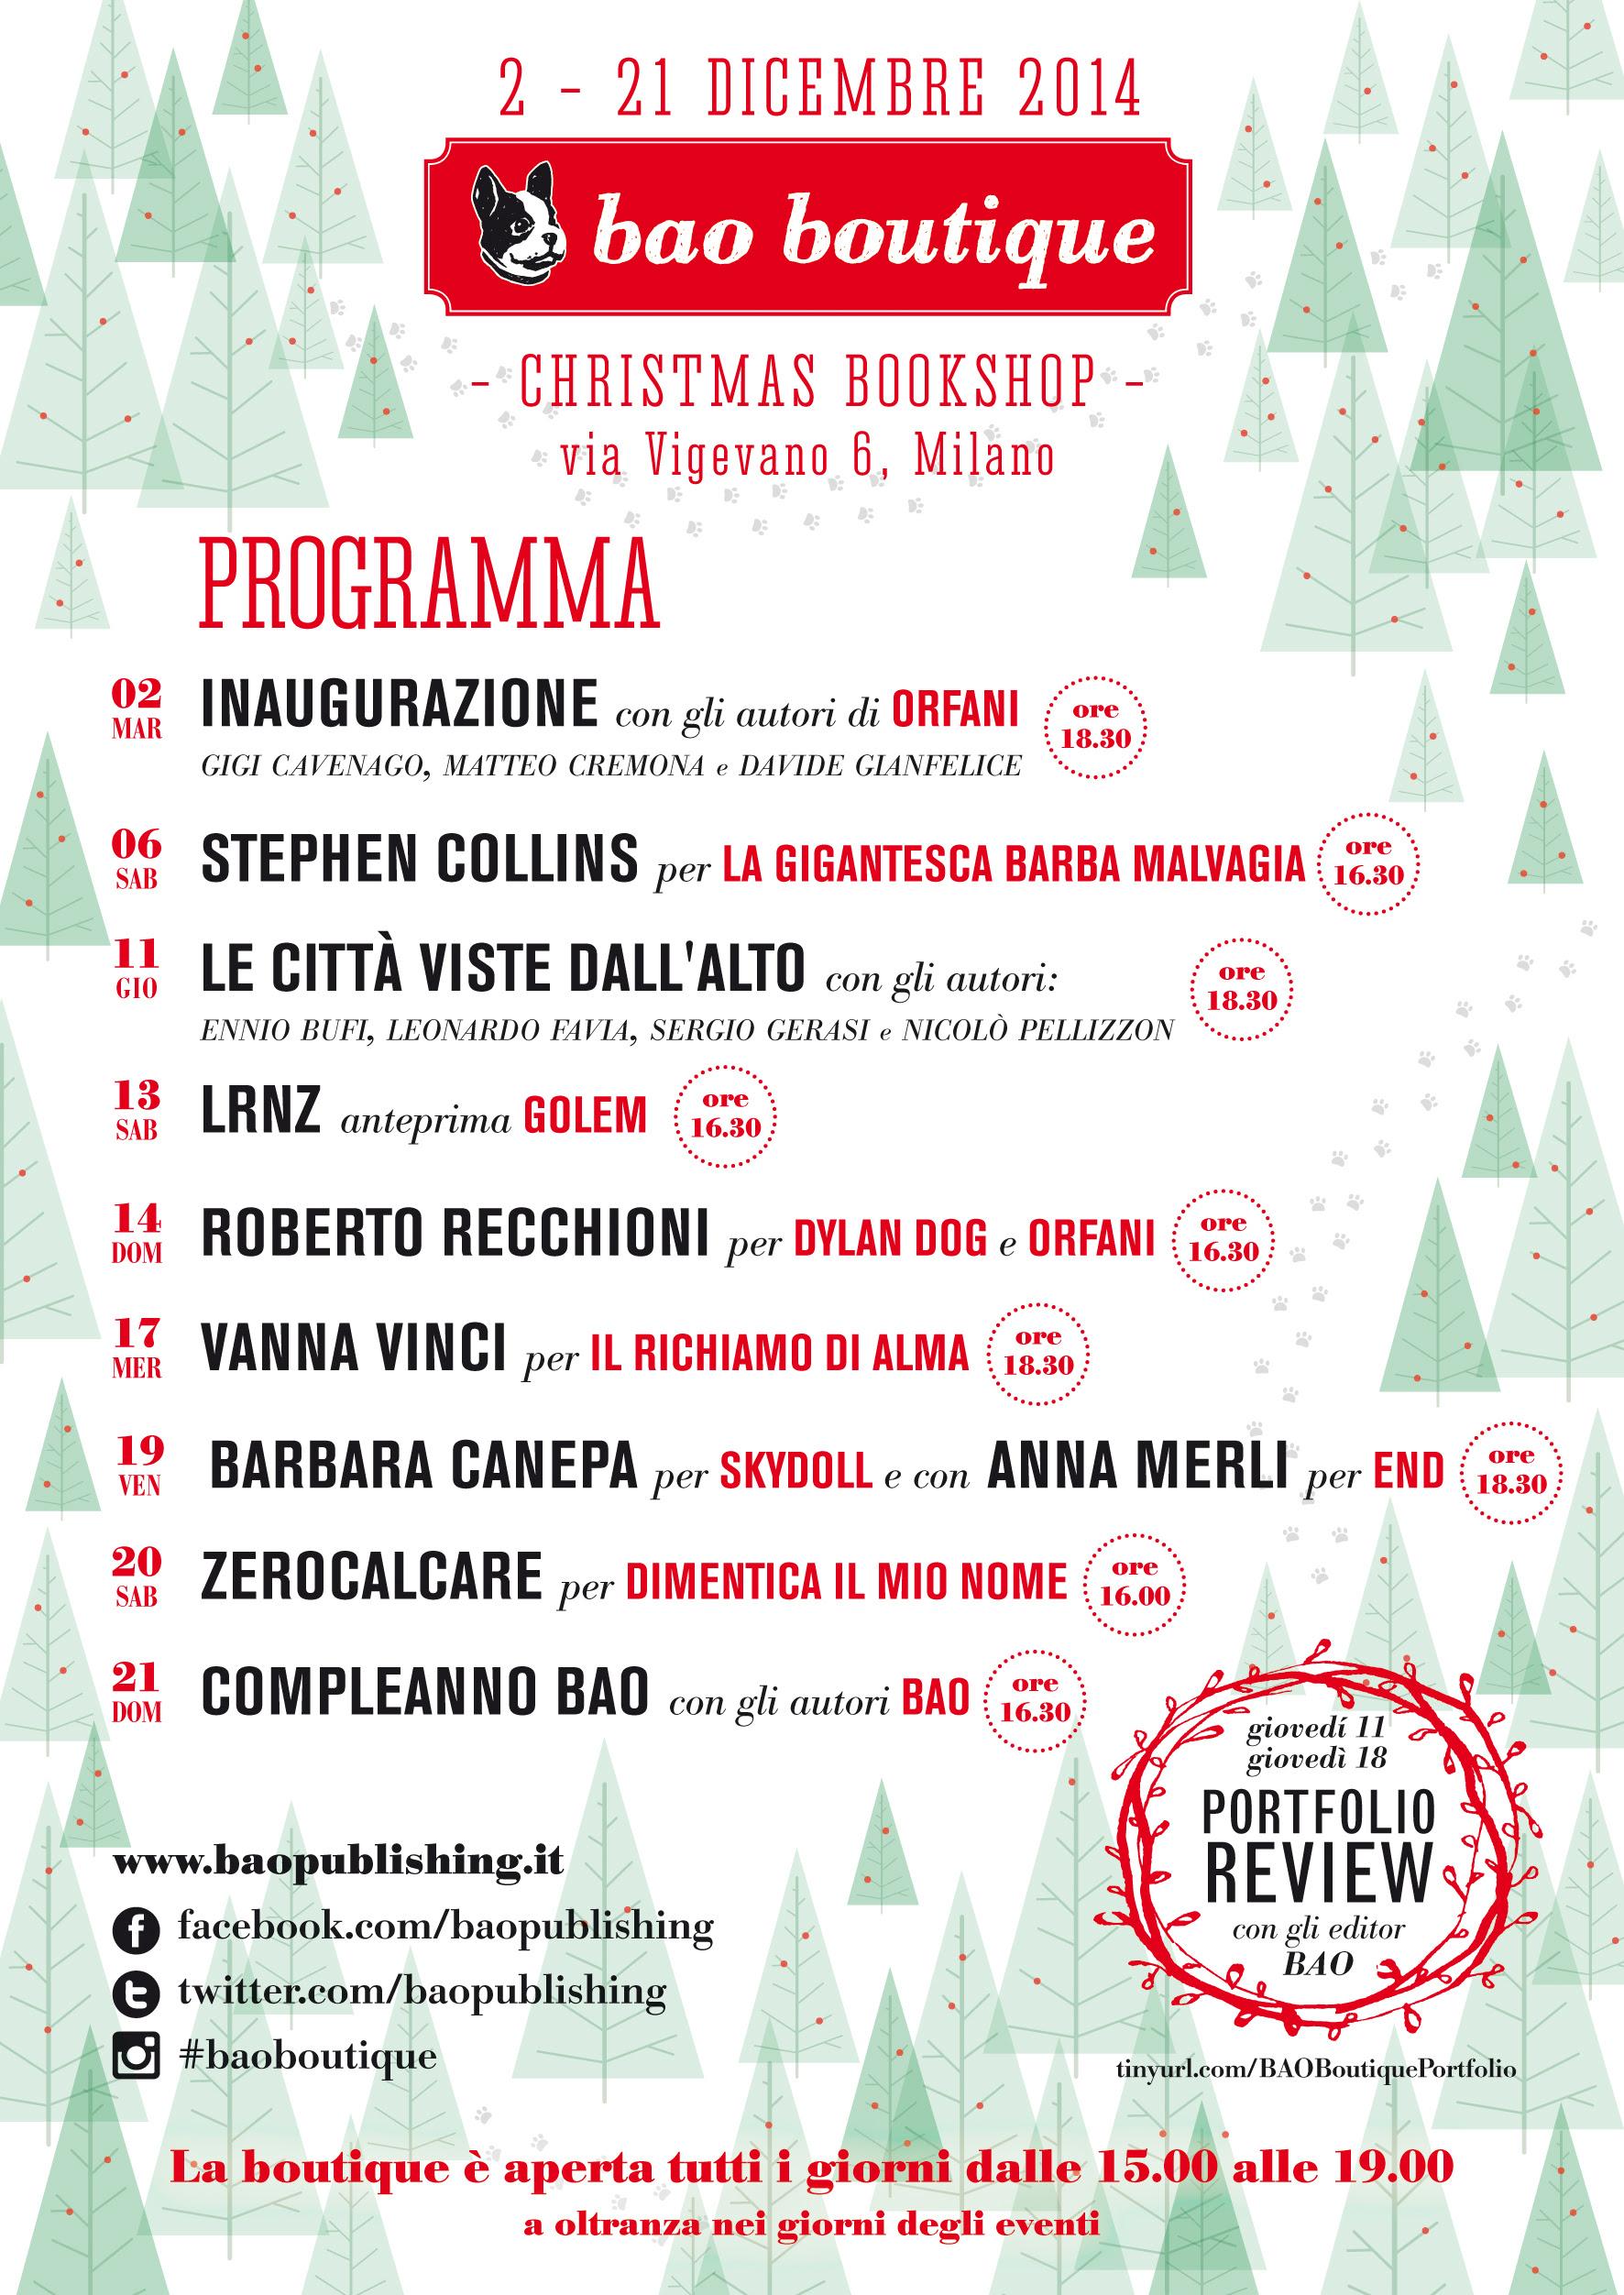 Apre a Milano il Christmas Bookstore di Bao Publishing dal 2 al 21 dicembre 2014